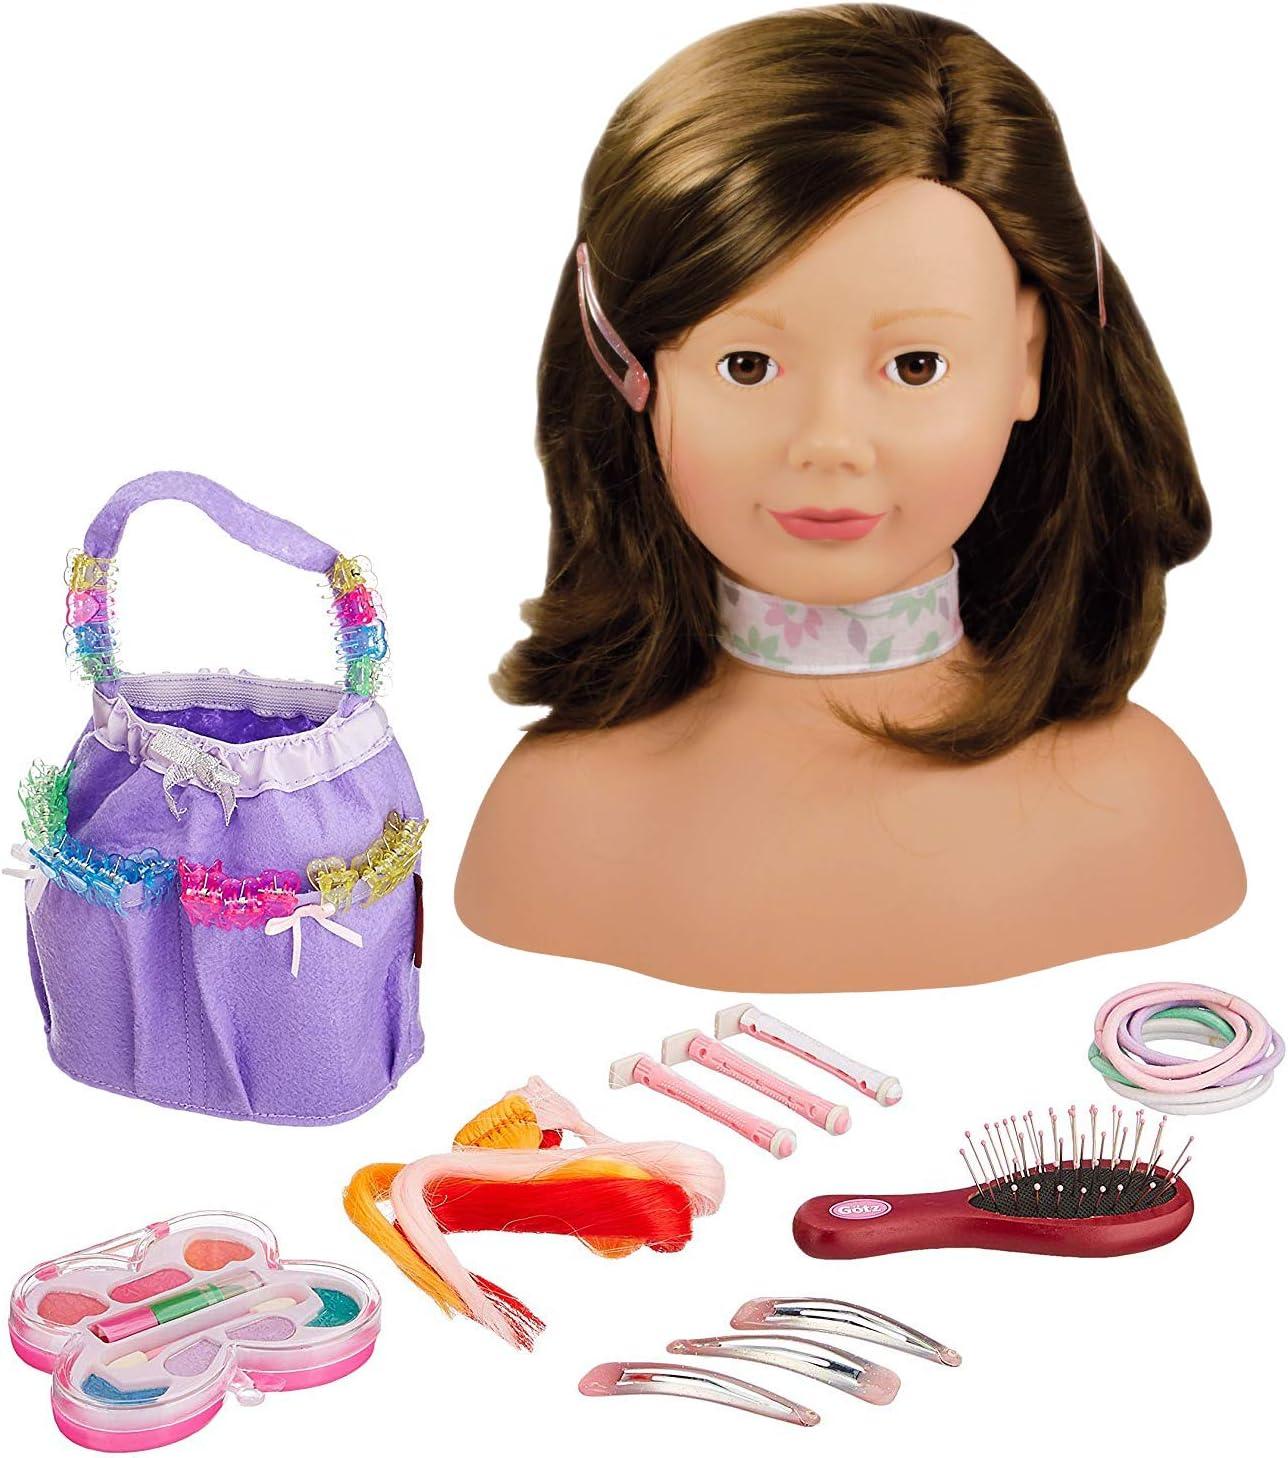 Gotz 1192053 Peluquín con Pelo marrón y Ojos Marrones - 28 cm Alta Cabezal de Maquillaje / Cabezal de Vestir - Juego de 58 Piezas - Adecuado para niñas a Partir de 3 años